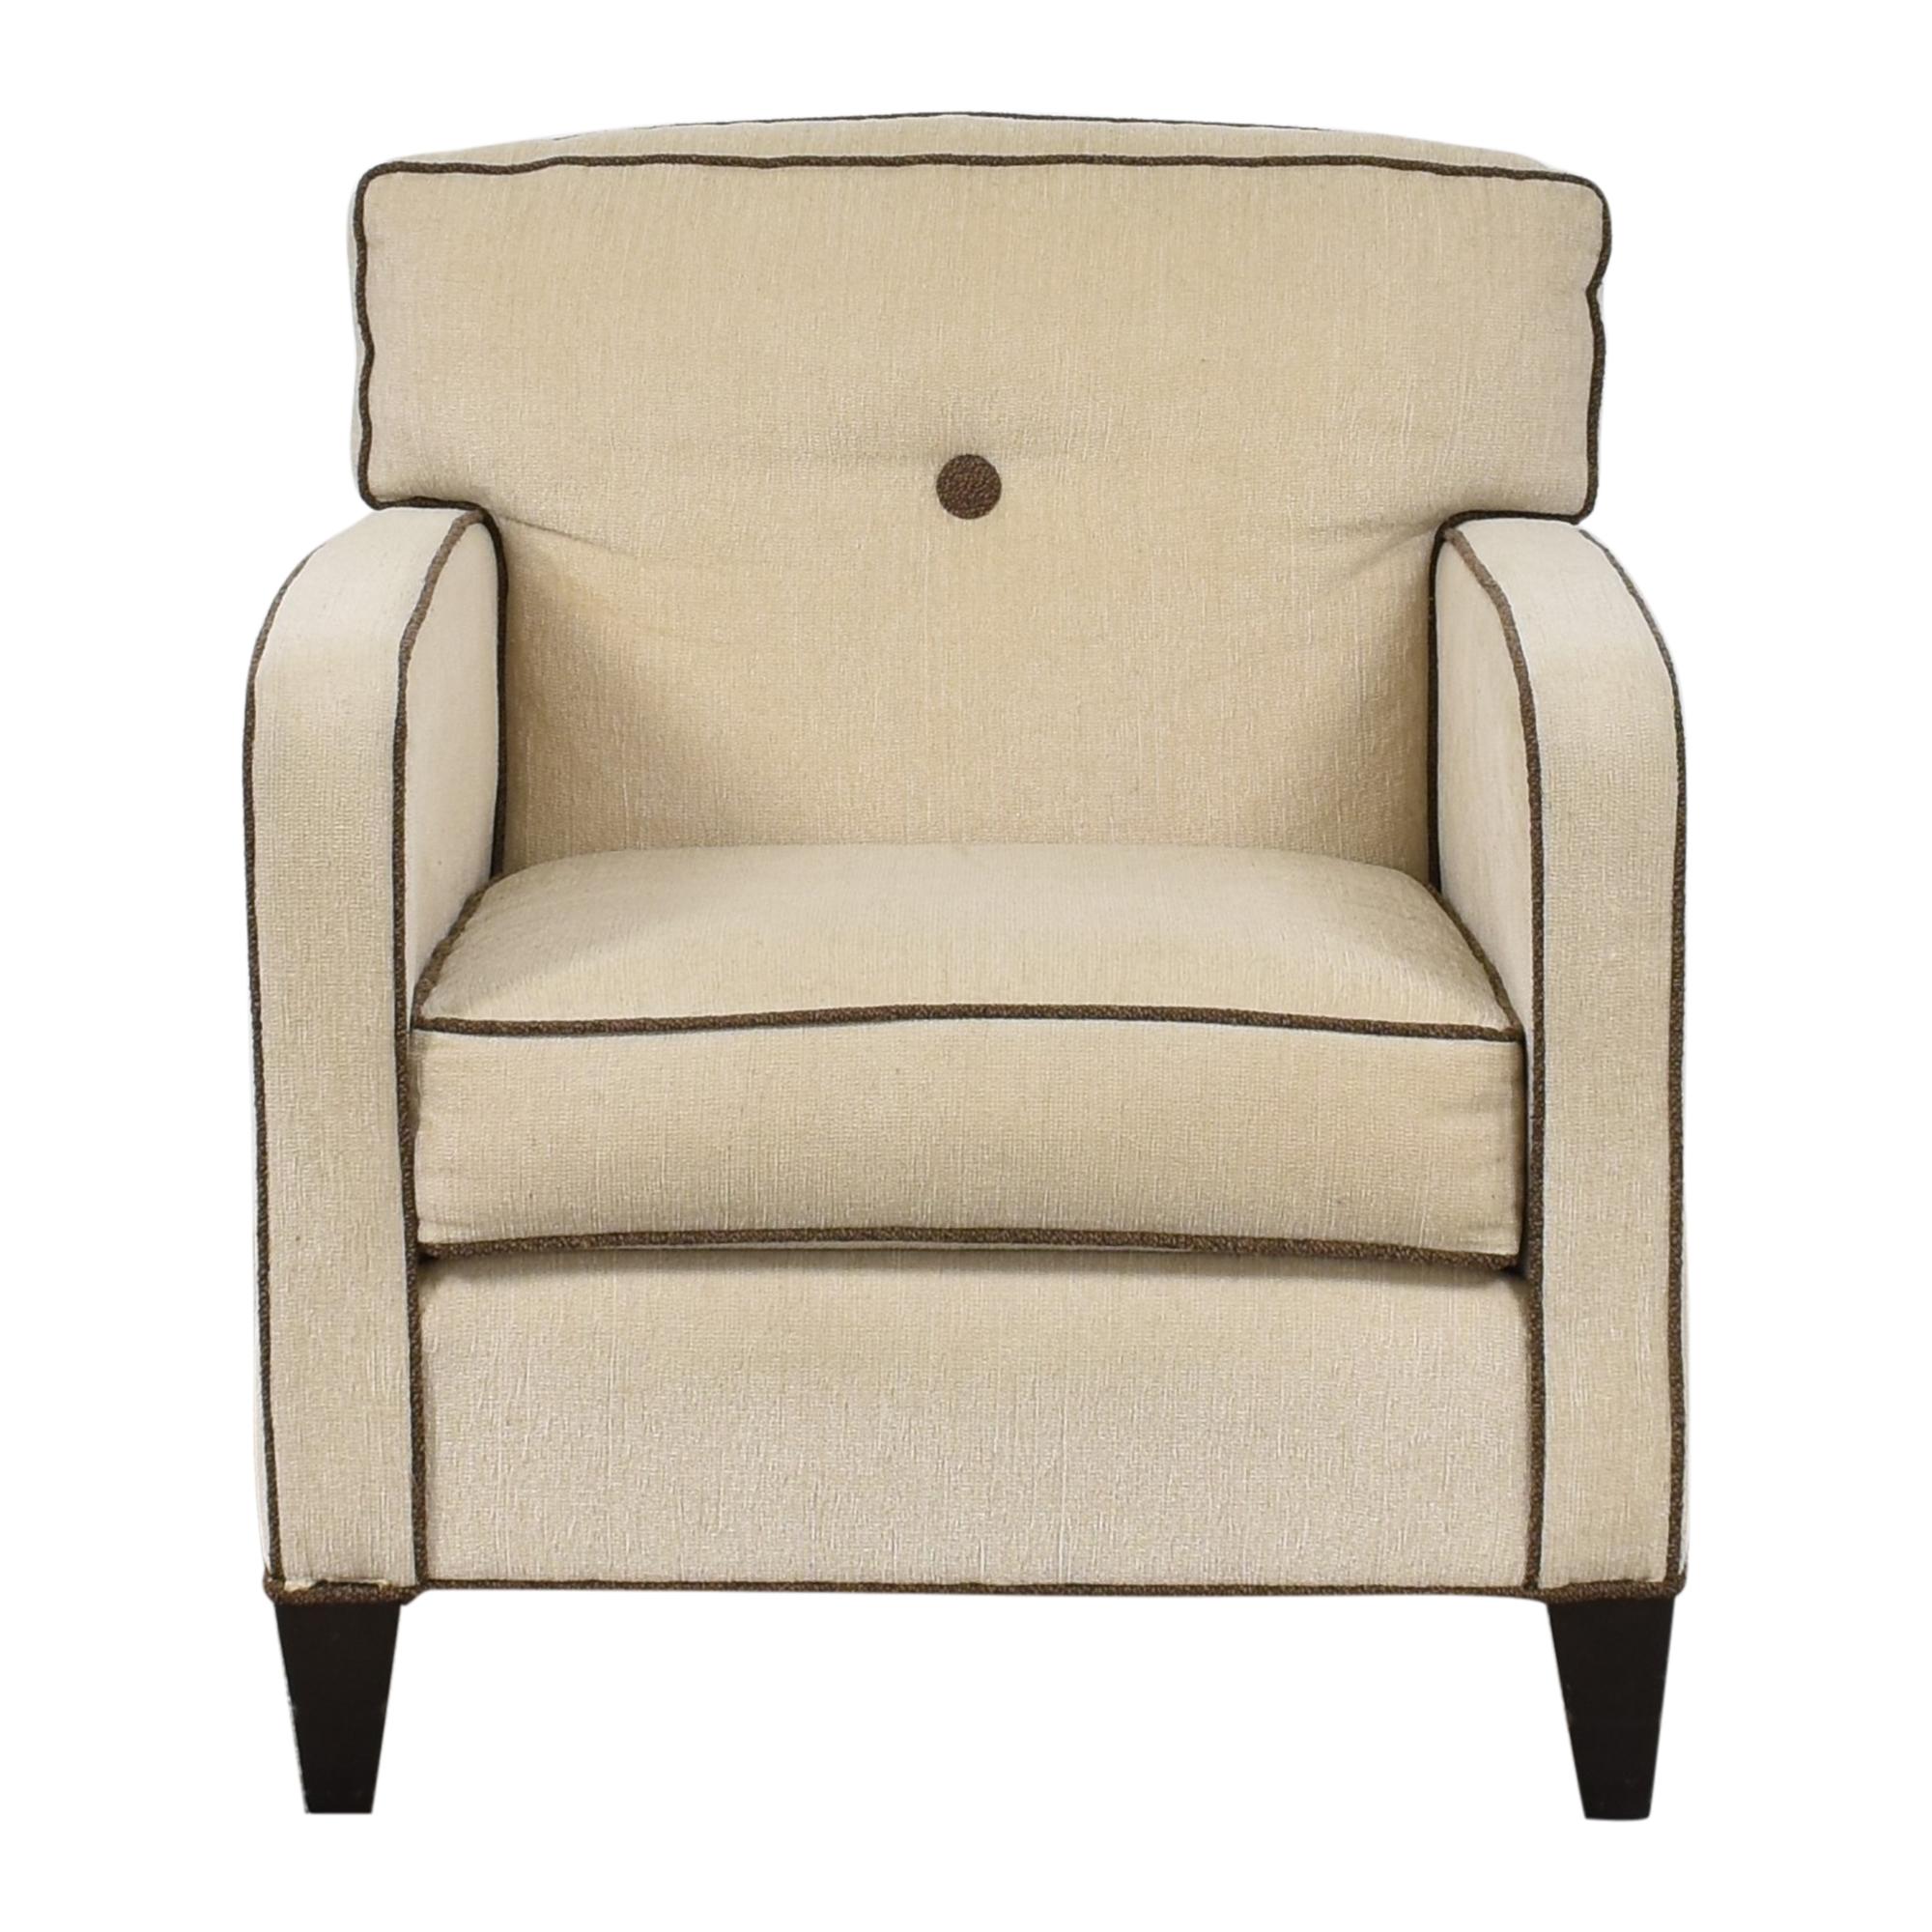 shop Ethan Allen Ethan Allen Modern Accent Chair online